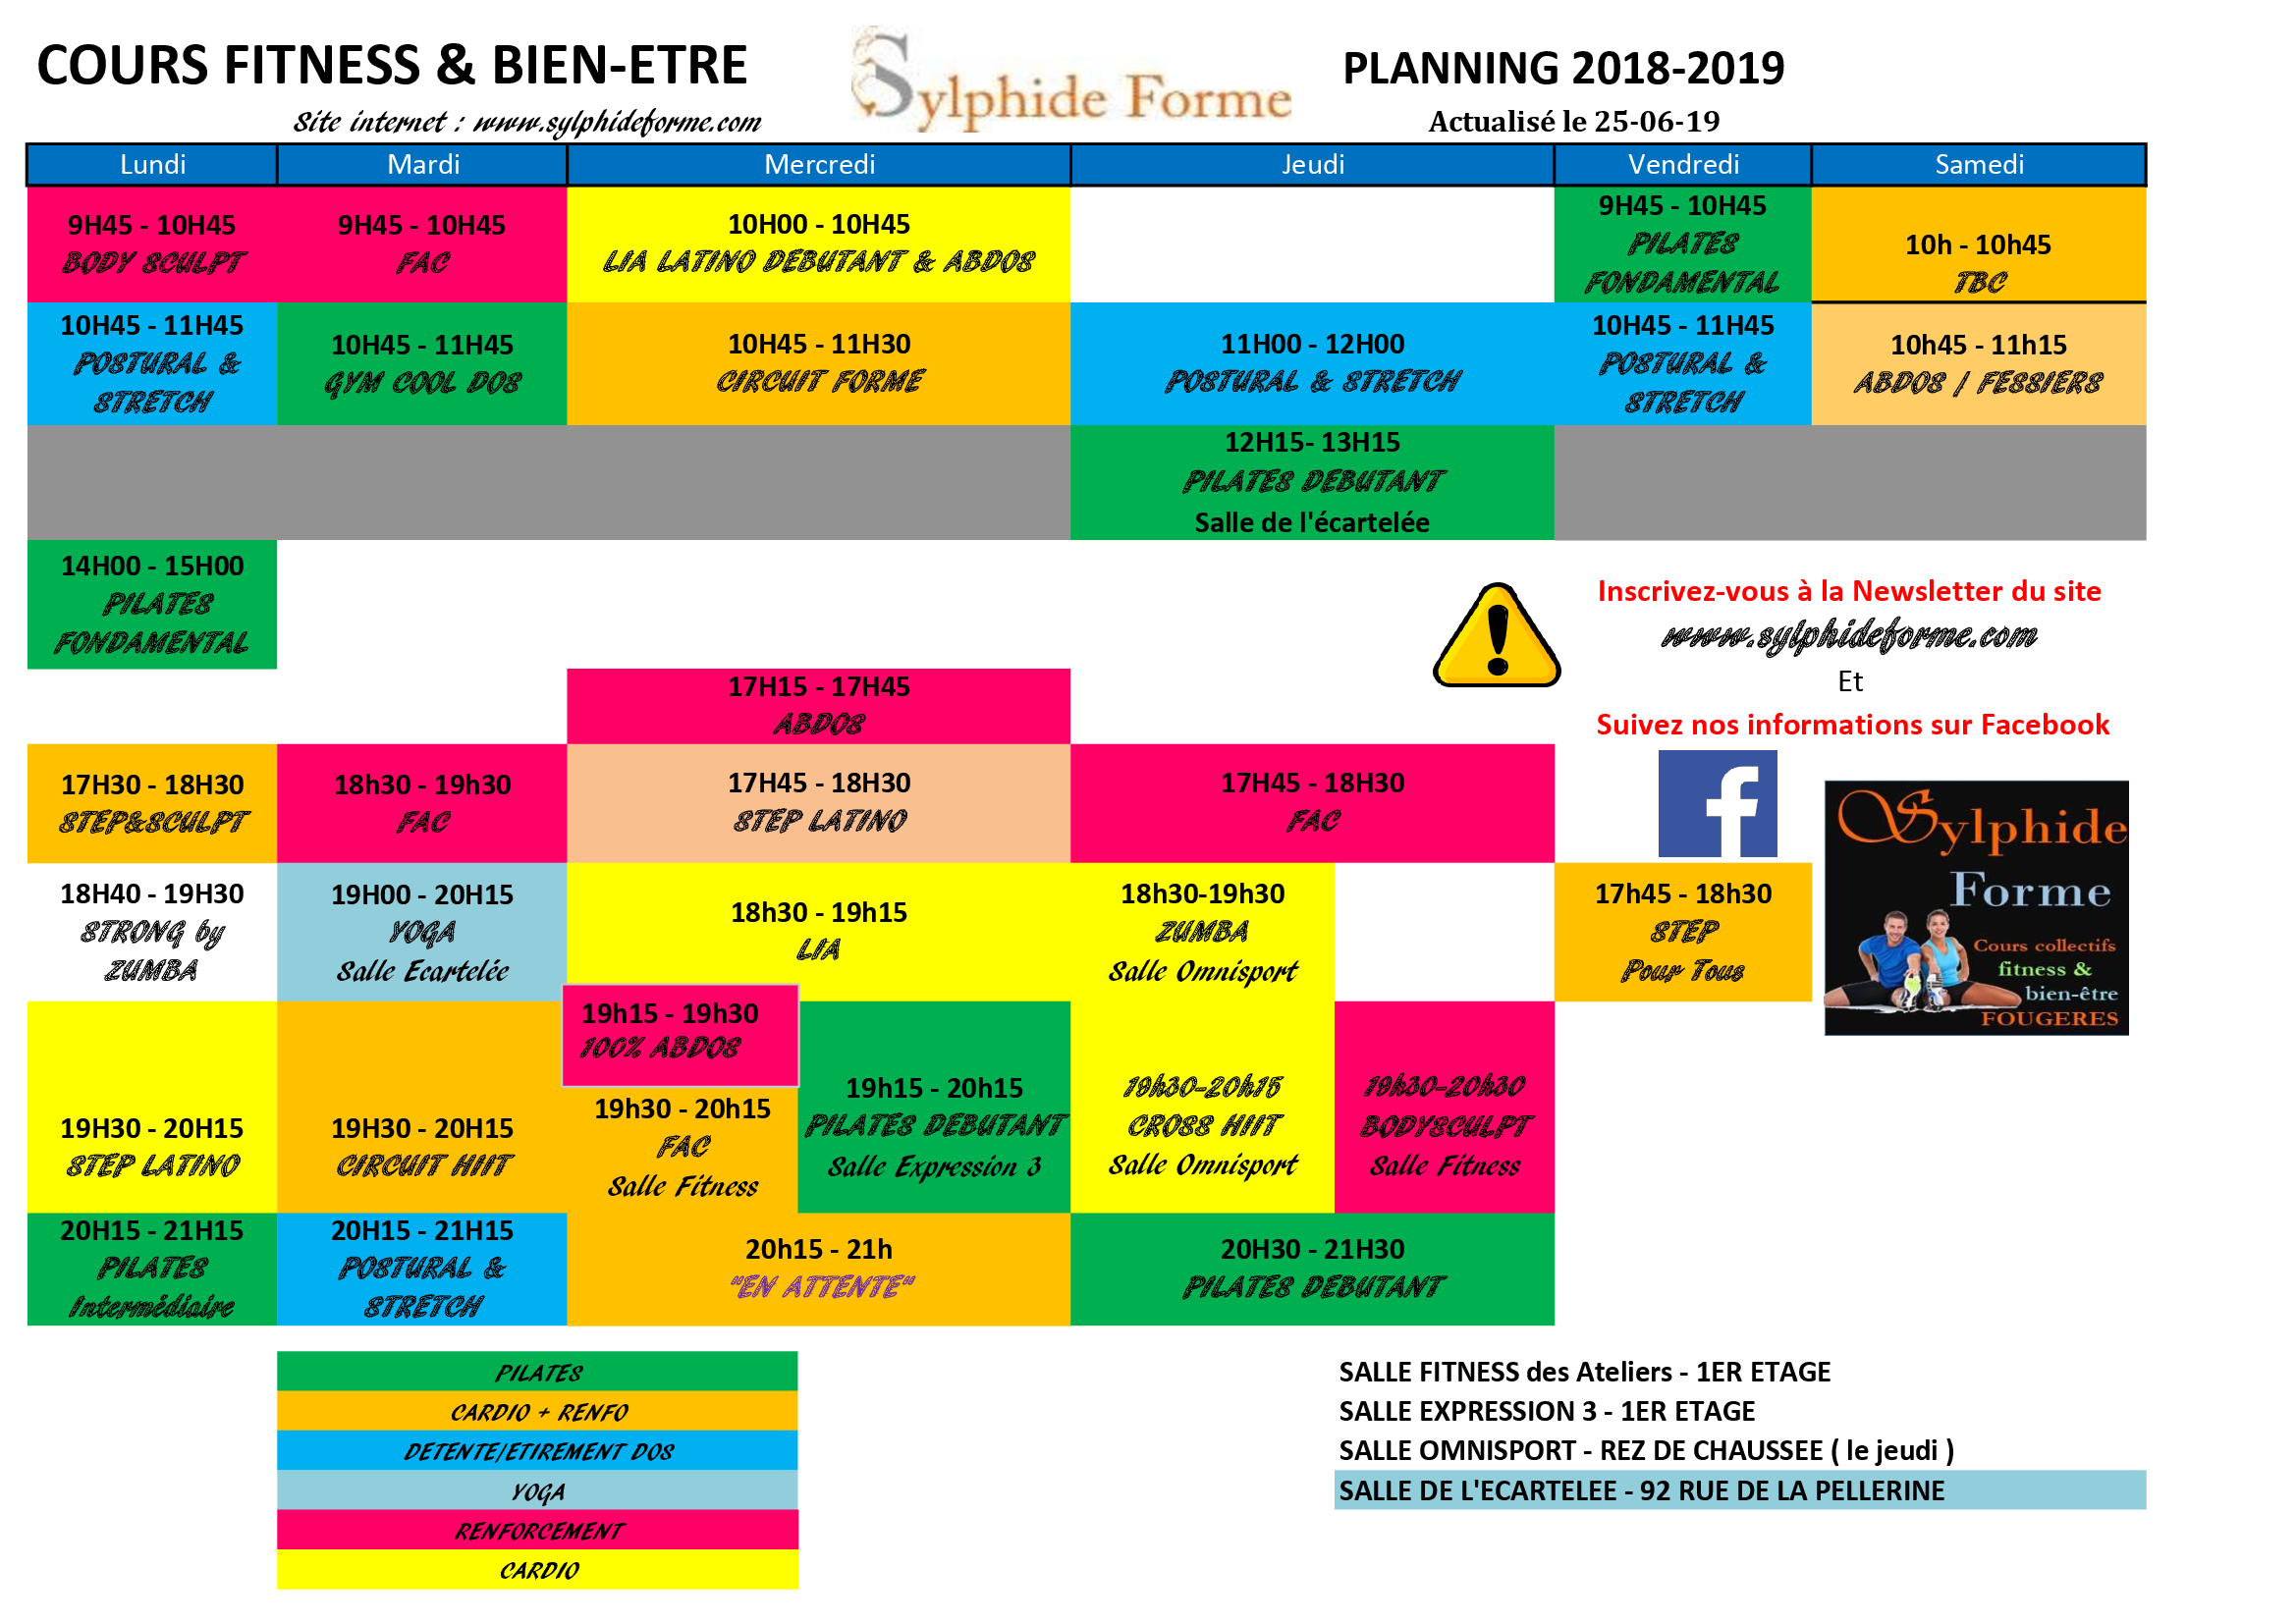 PLANNING-Actualisé-le-25-06-19-_2_